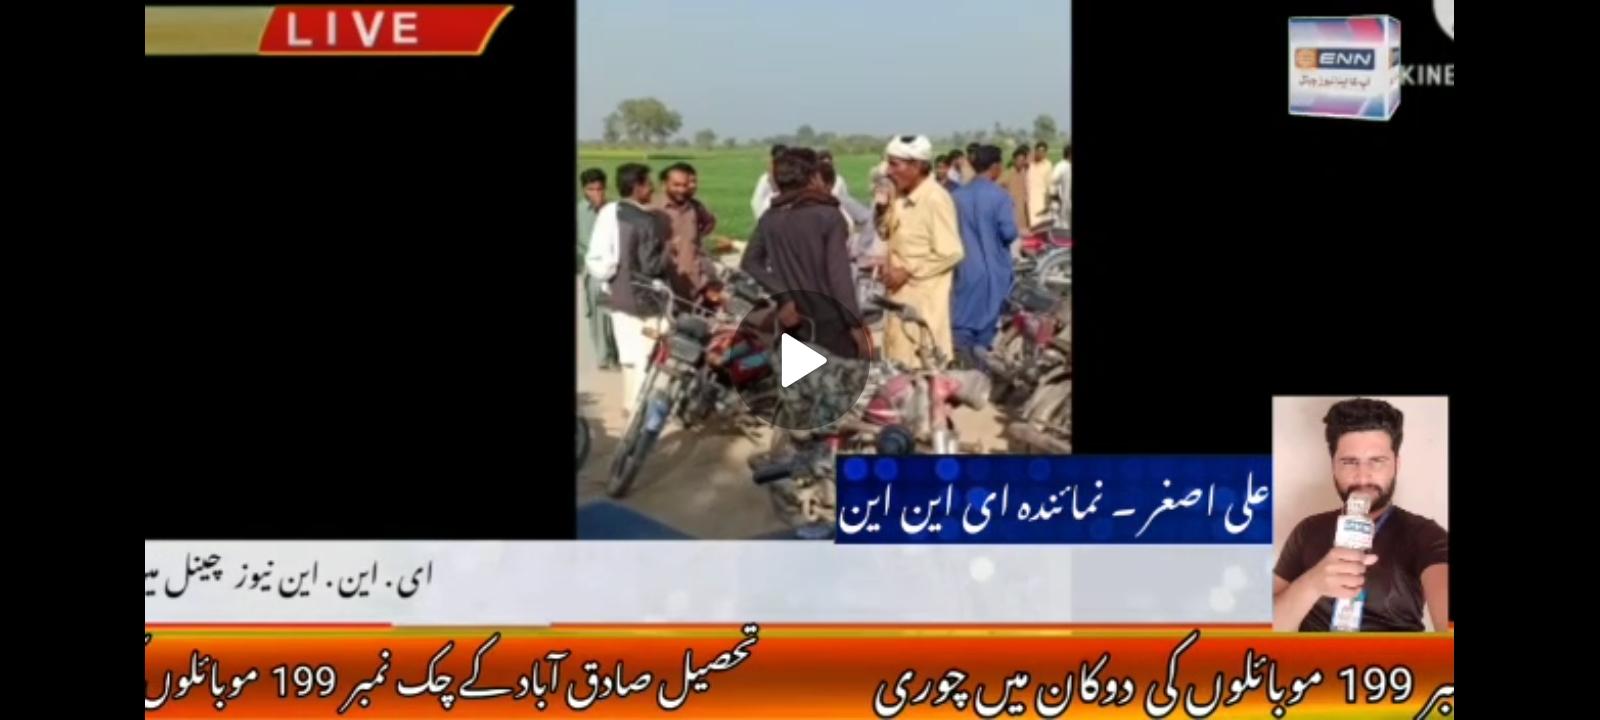 تحصیل صادق آباد کے چک نمبر  199  موبائلوں کی ایک دوکان میں چوری